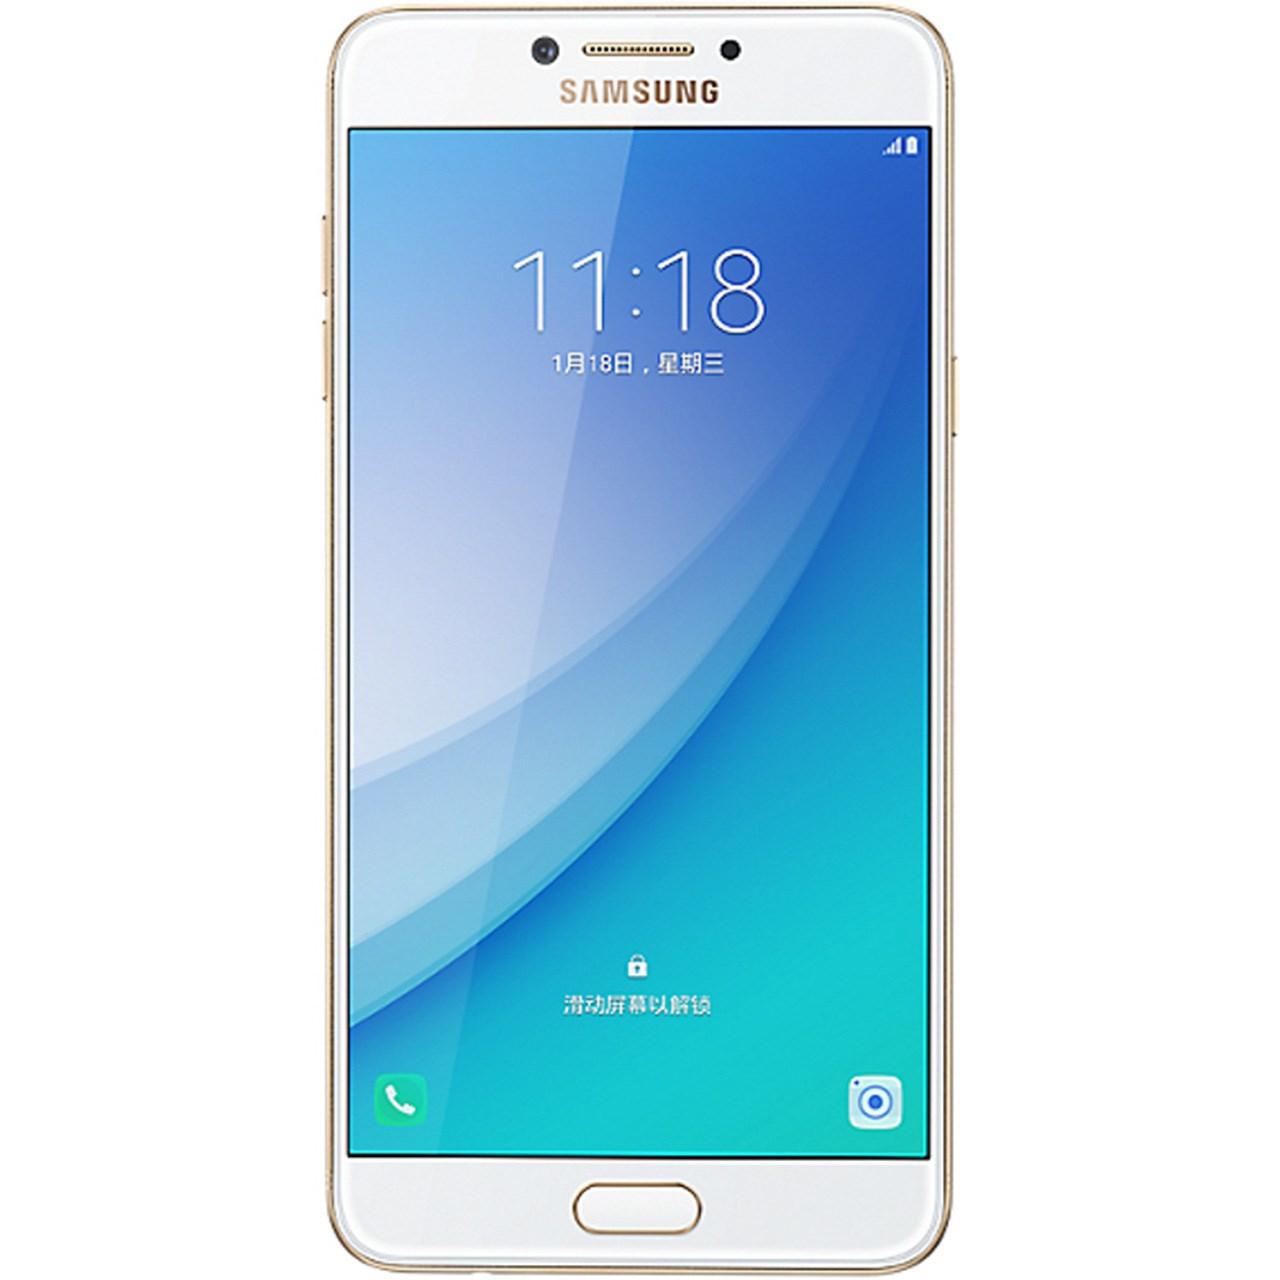 گوشی موبایل سامسونگ مدل Galaxy C7 Pro دو سیم کارت